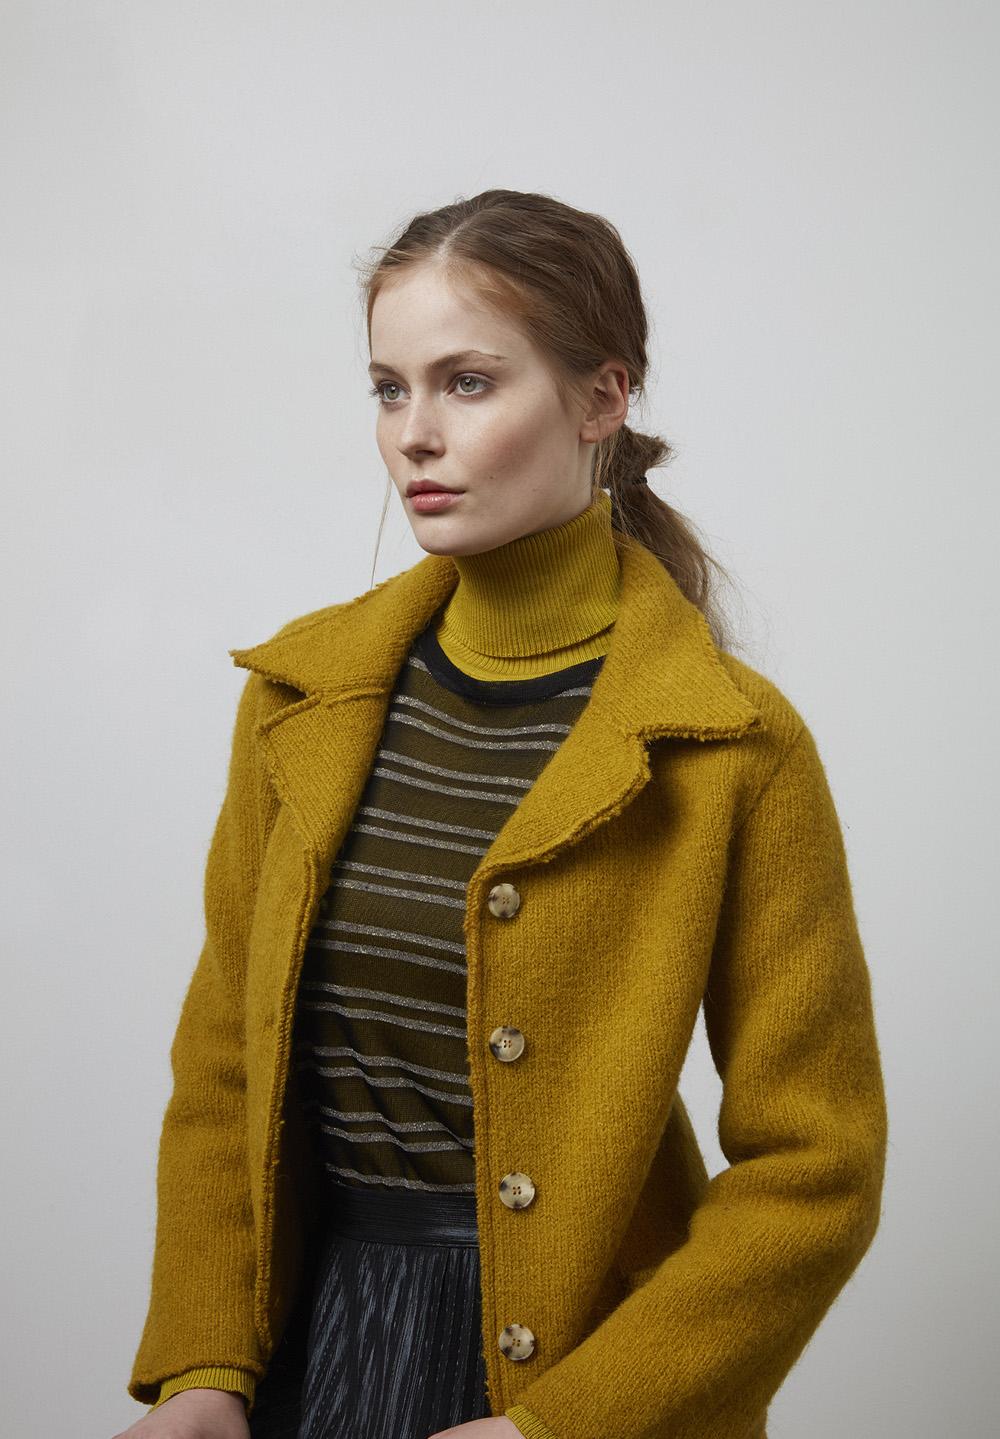 Geysir icelandic fashion label